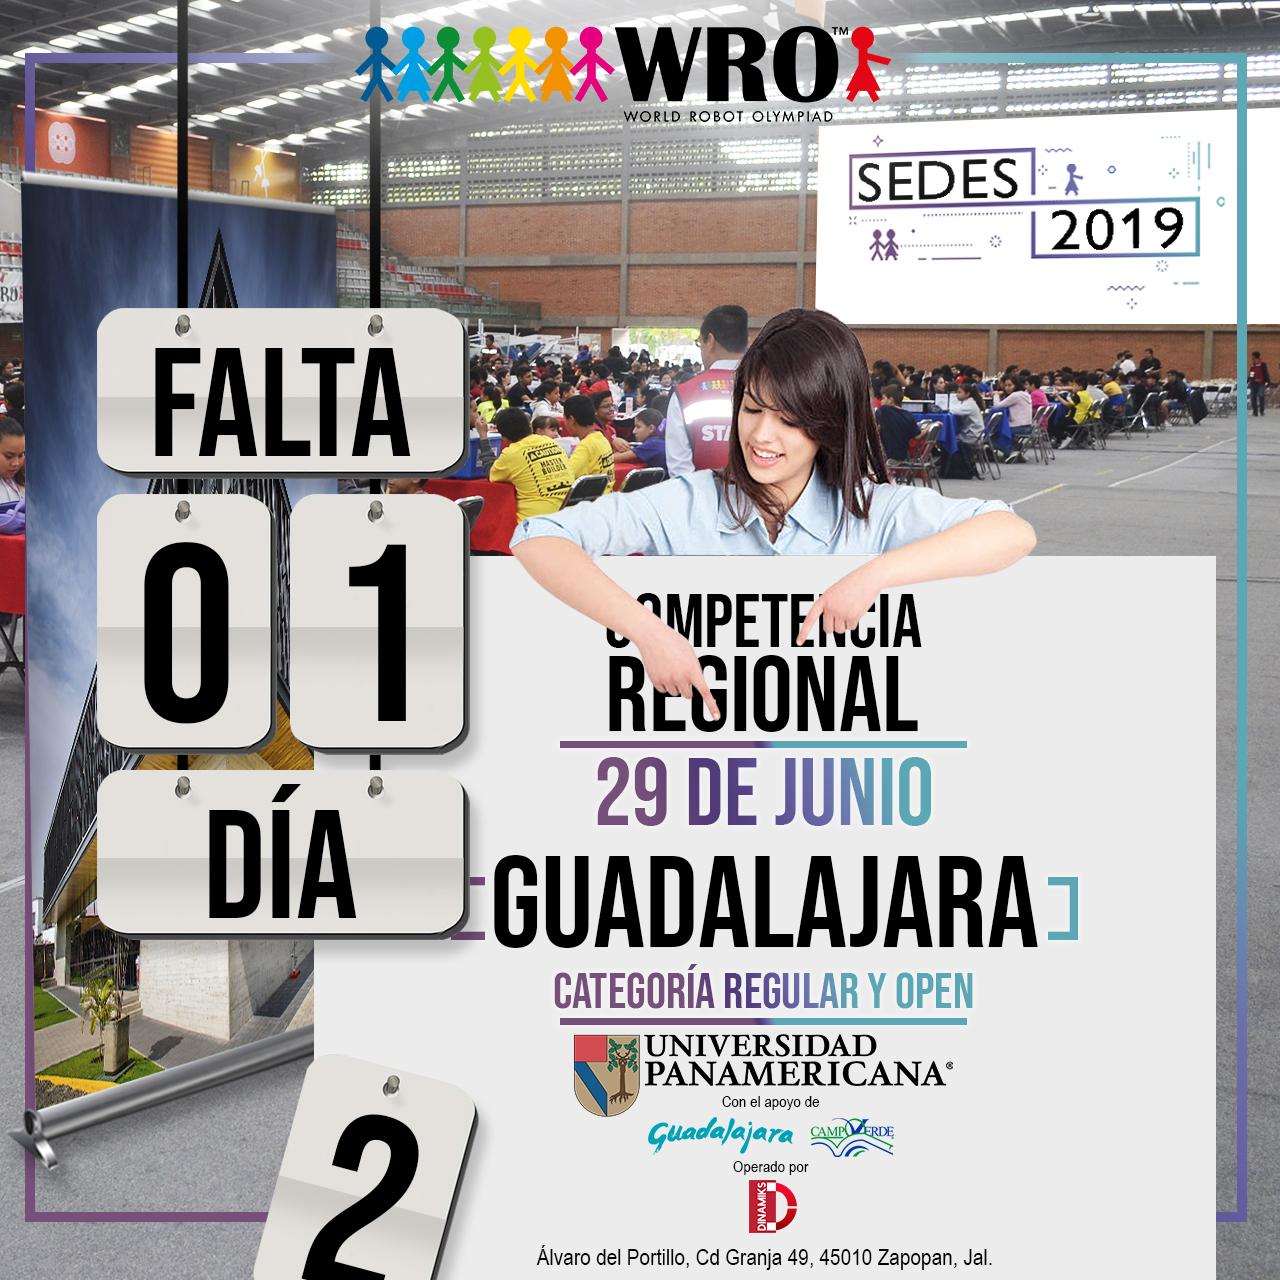 WRO México | Falta 1 día Sede Guadalajara